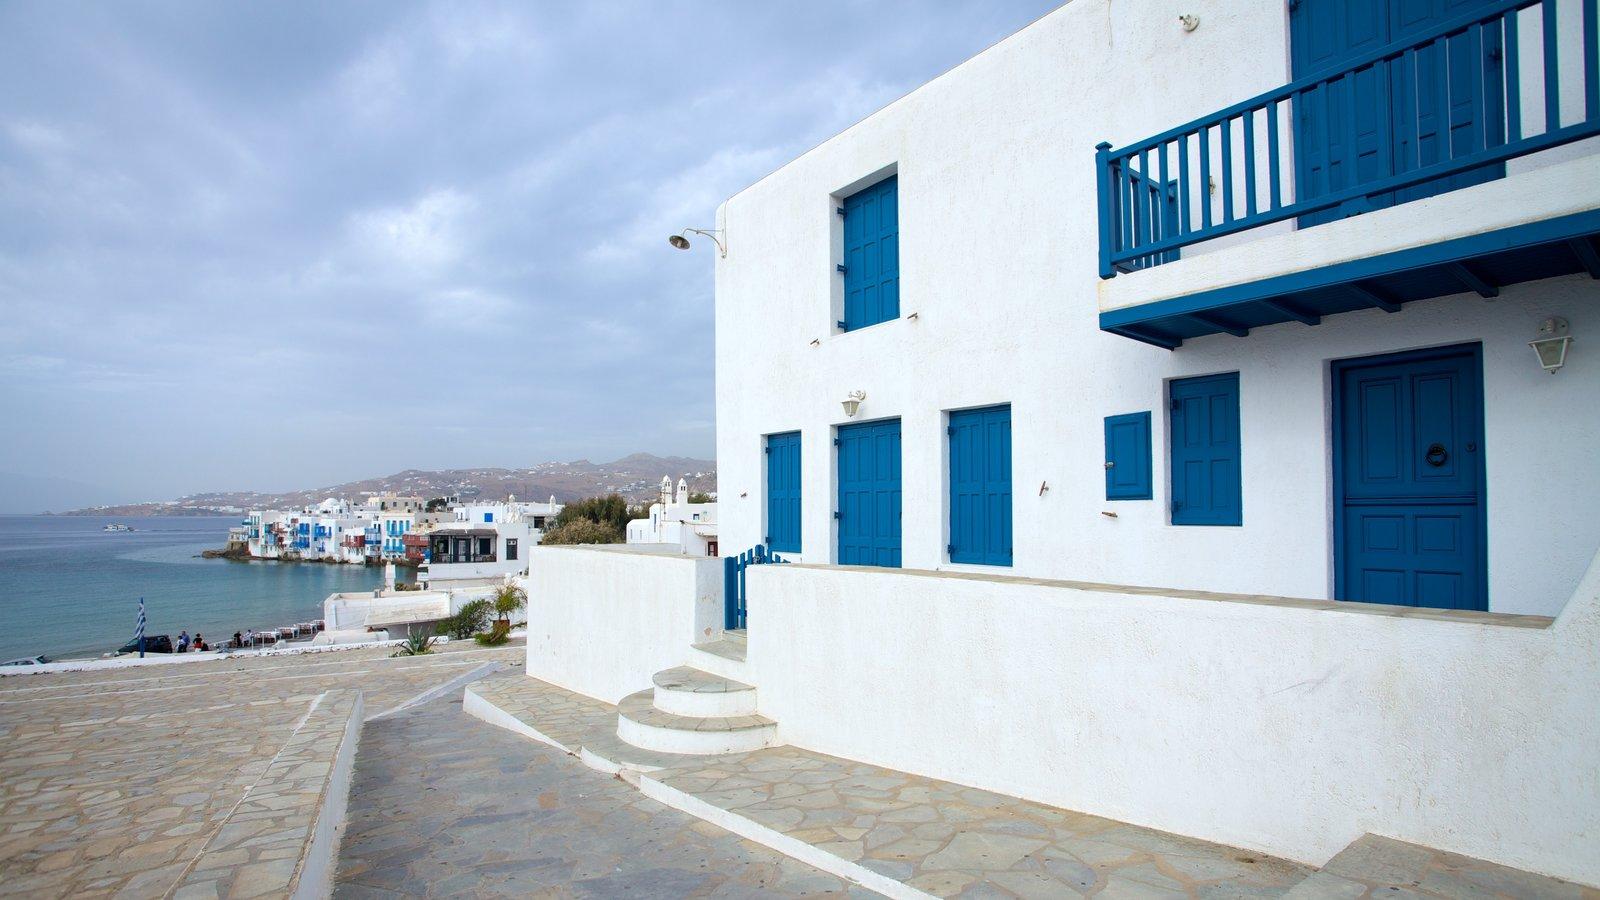 Mykonos Town caracterizando uma cidade litorânea, uma casa e paisagens litorâneas